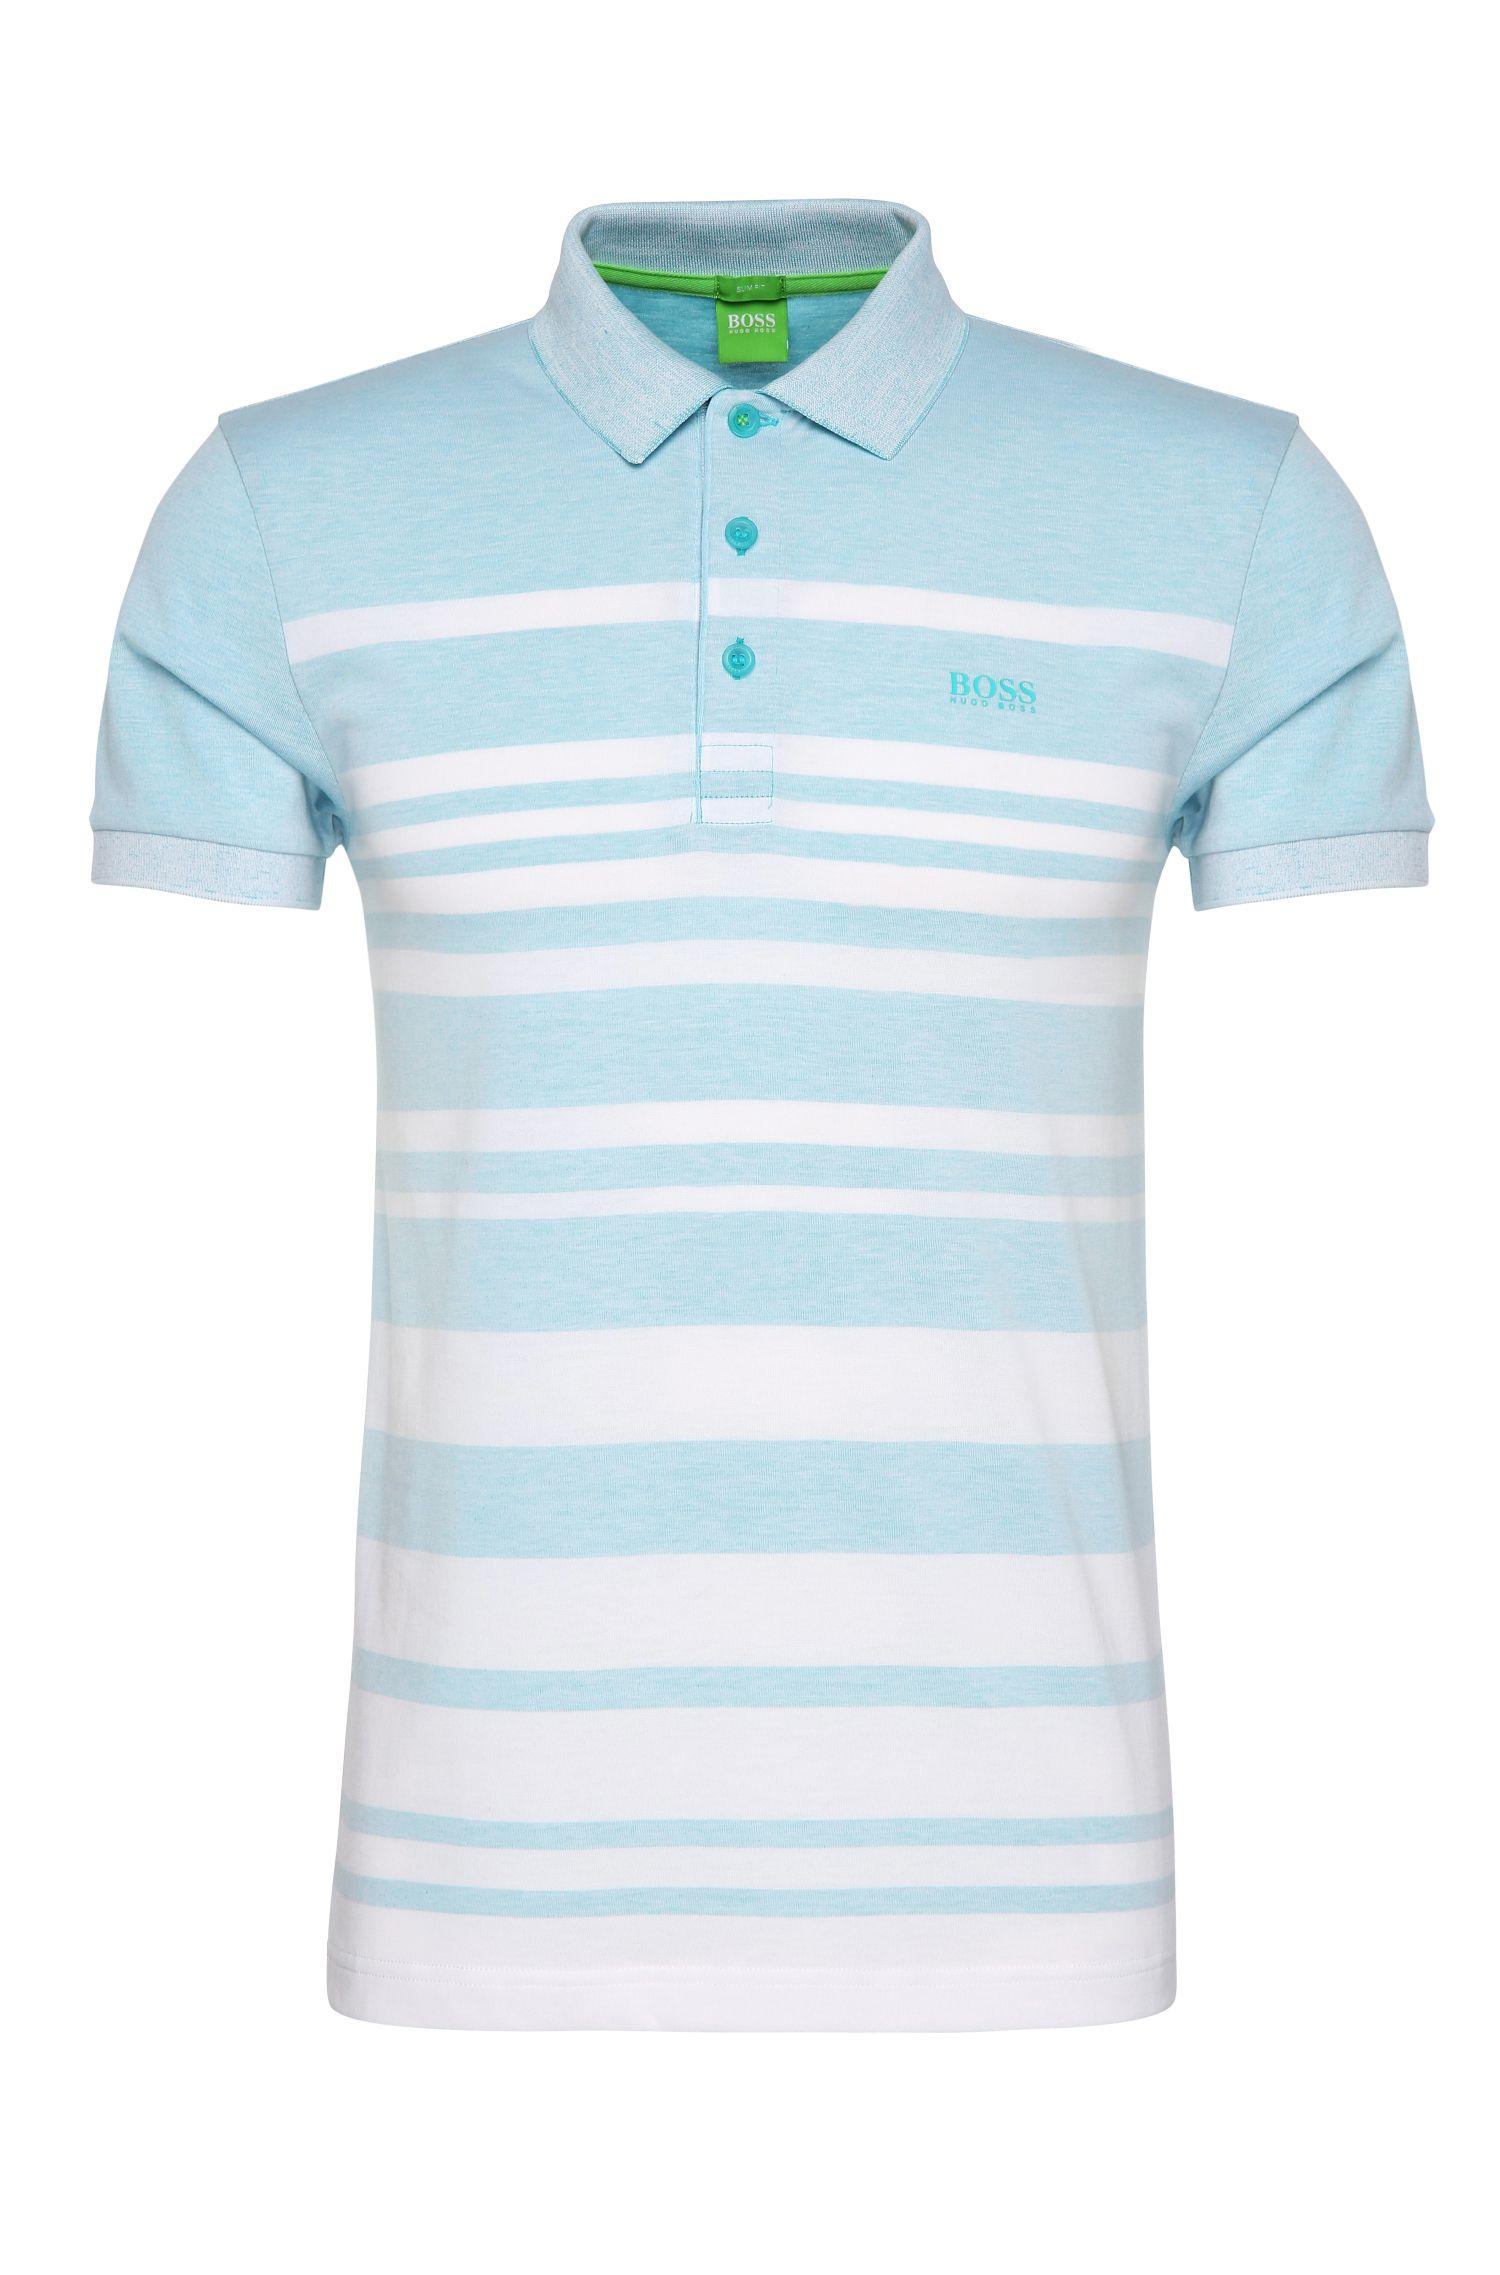 'Paule'   Slim Fit, Cotton Blend Striped Polo